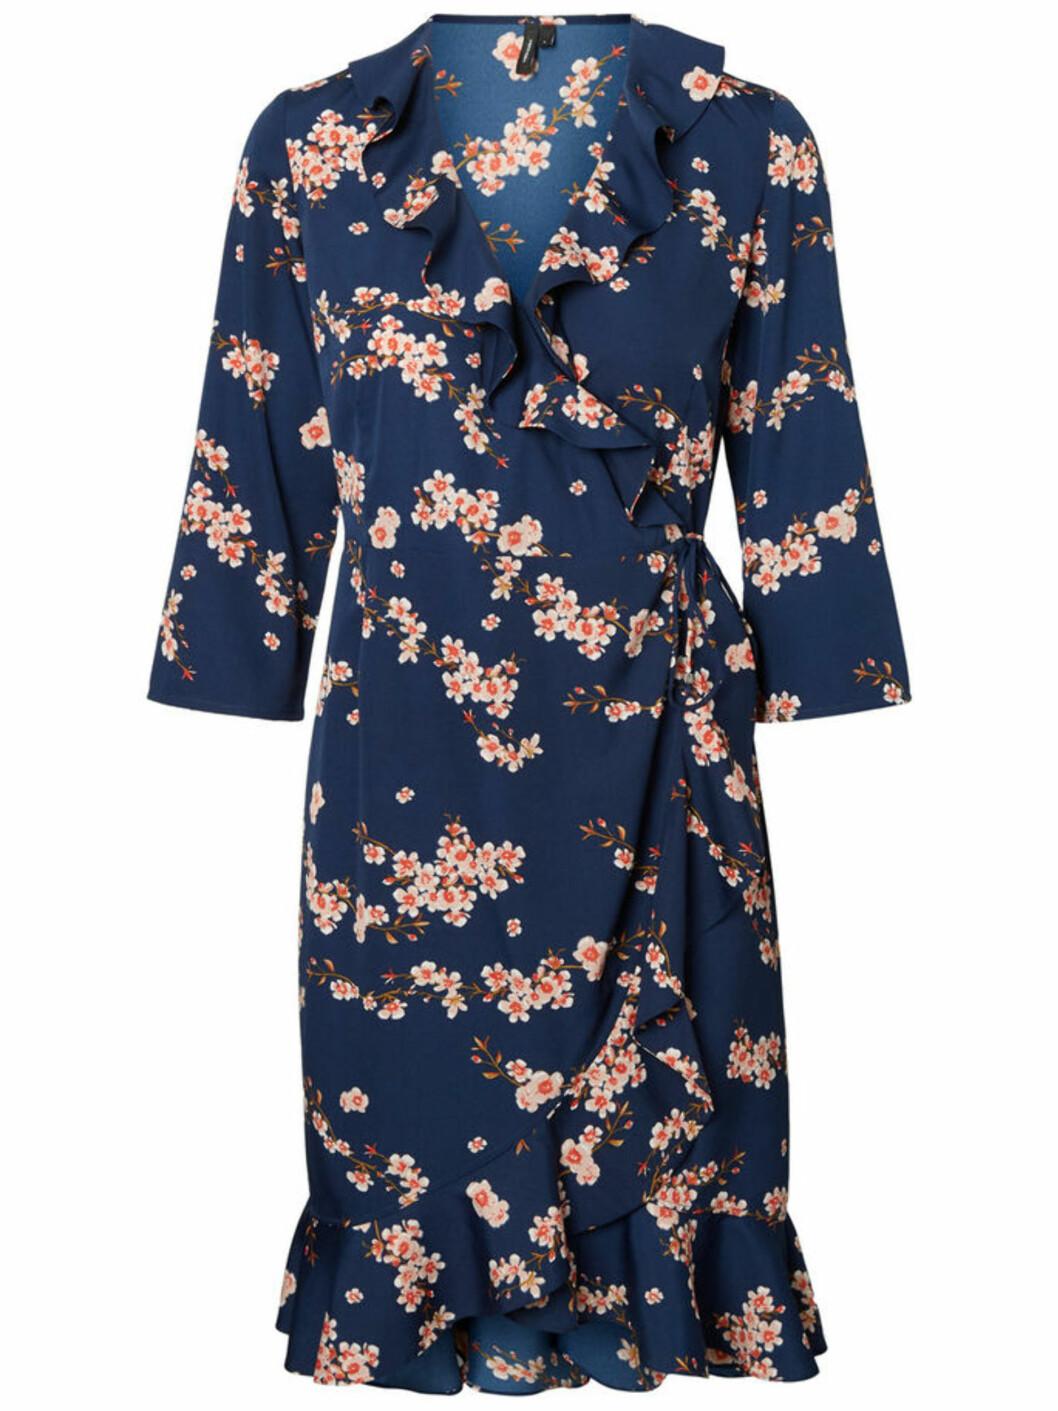 Kjole fra Vero Moda  300,-  https://www.veromoda.com/no/no/vm/kjoep-etter-kategori/kjoler/henna-kjole-10200452.html?cgid=vm-dresses&dwvar_colorPattern=10200452_Winetasting_630420